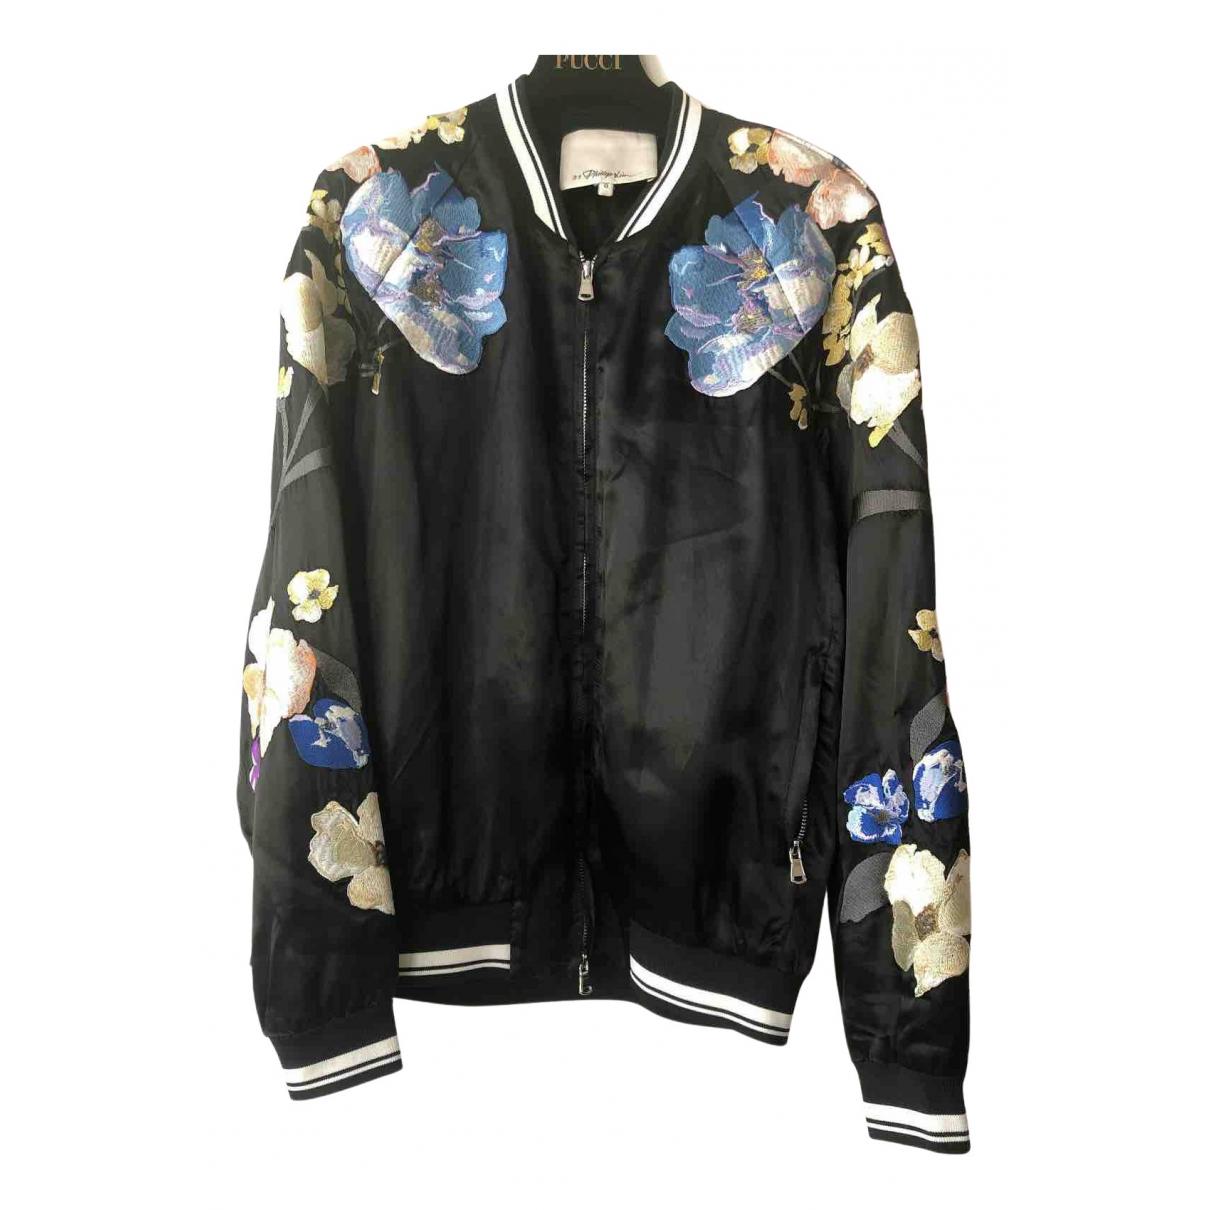 3.1 Phillip Lim \N Black jacket for Women S International